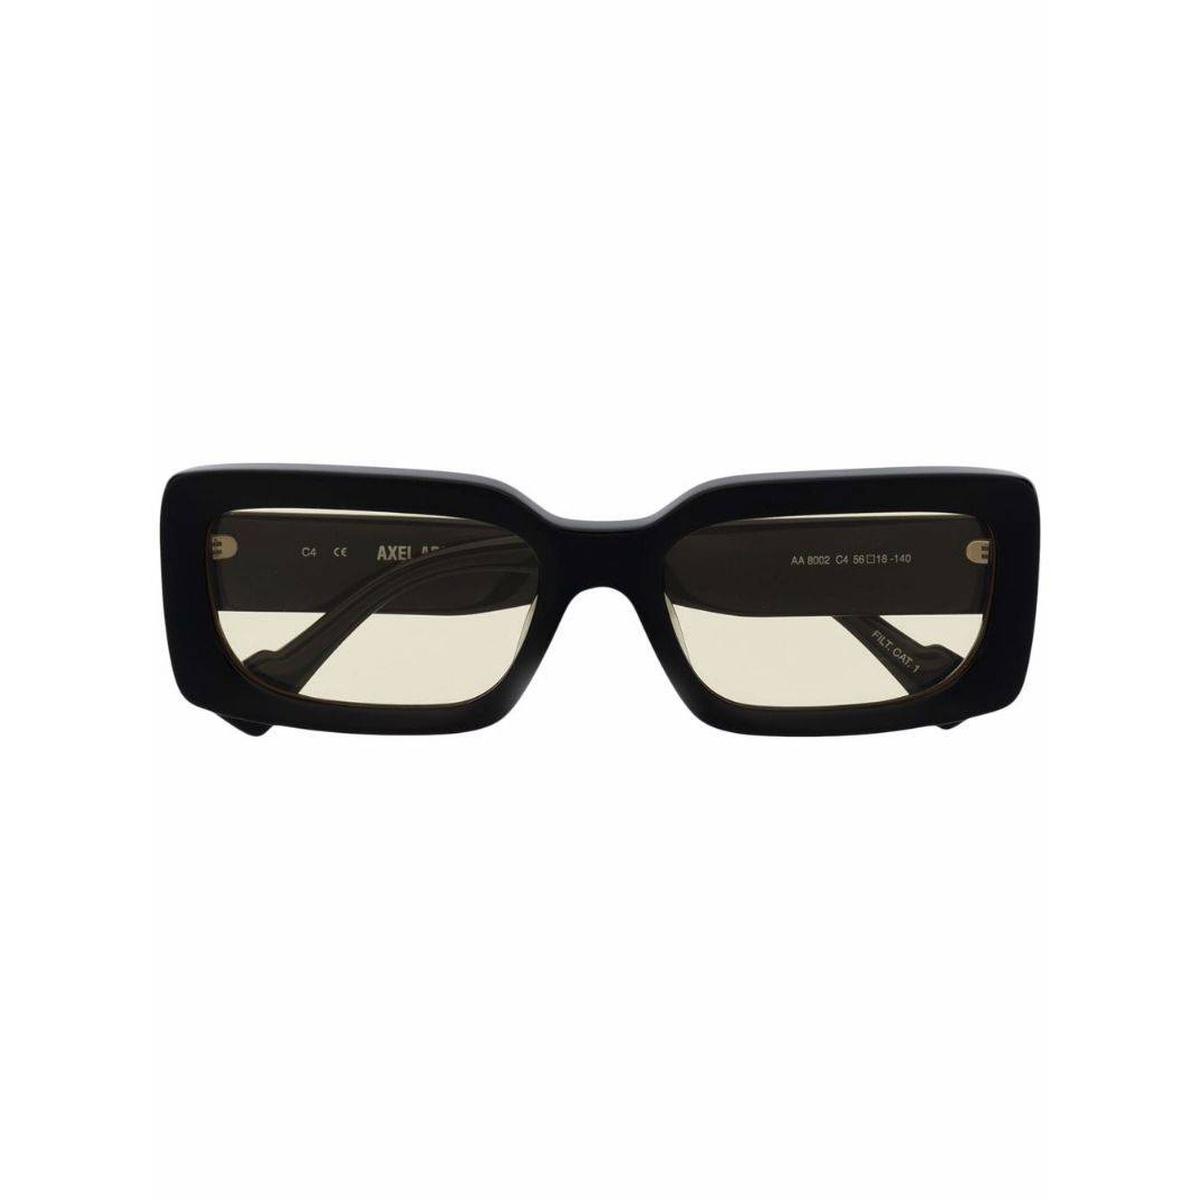 代购Axel Arigato 长方形框太阳眼镜男2021新款奢侈品